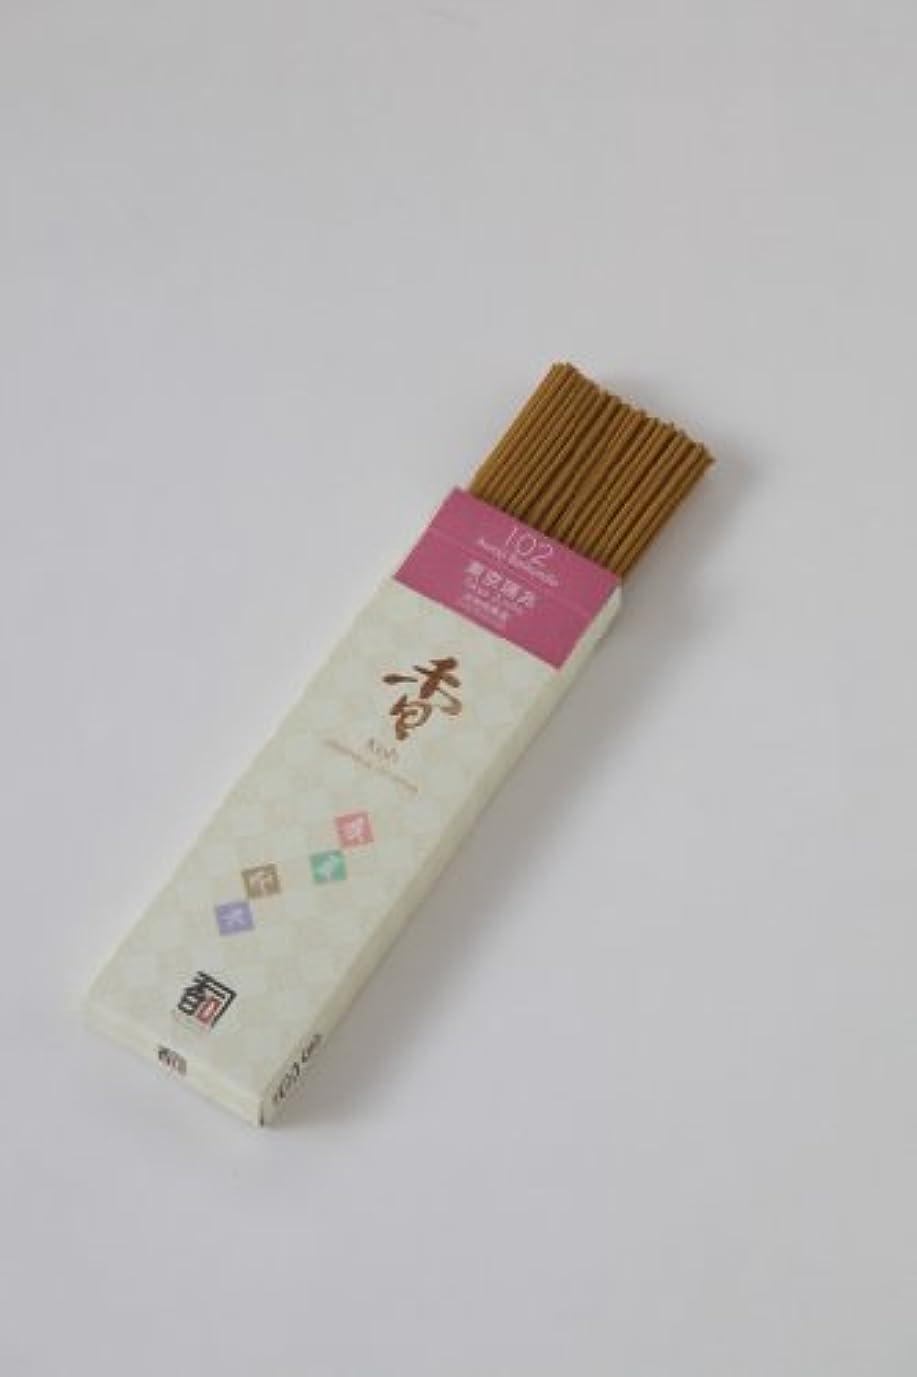 トークン大事にするアイスクリーム「あわじ島の香司」 日本の香りシリーズ (春夏秋冬) 【102】  ◆東京瑞兆◆